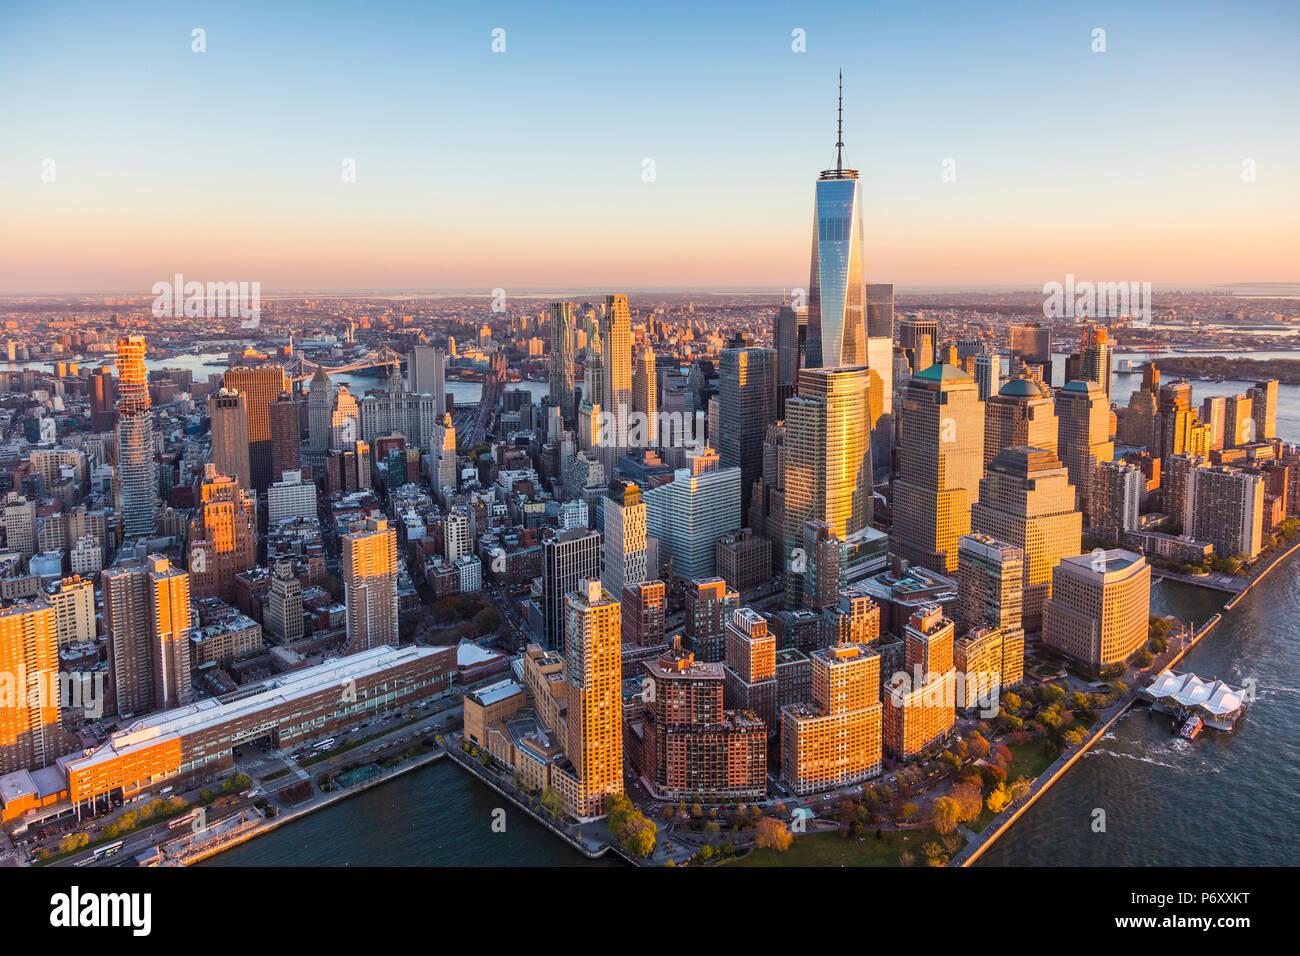 El centro de Manhattan, Ciudad de Nueva York, EE.UU. Imagen De Stock